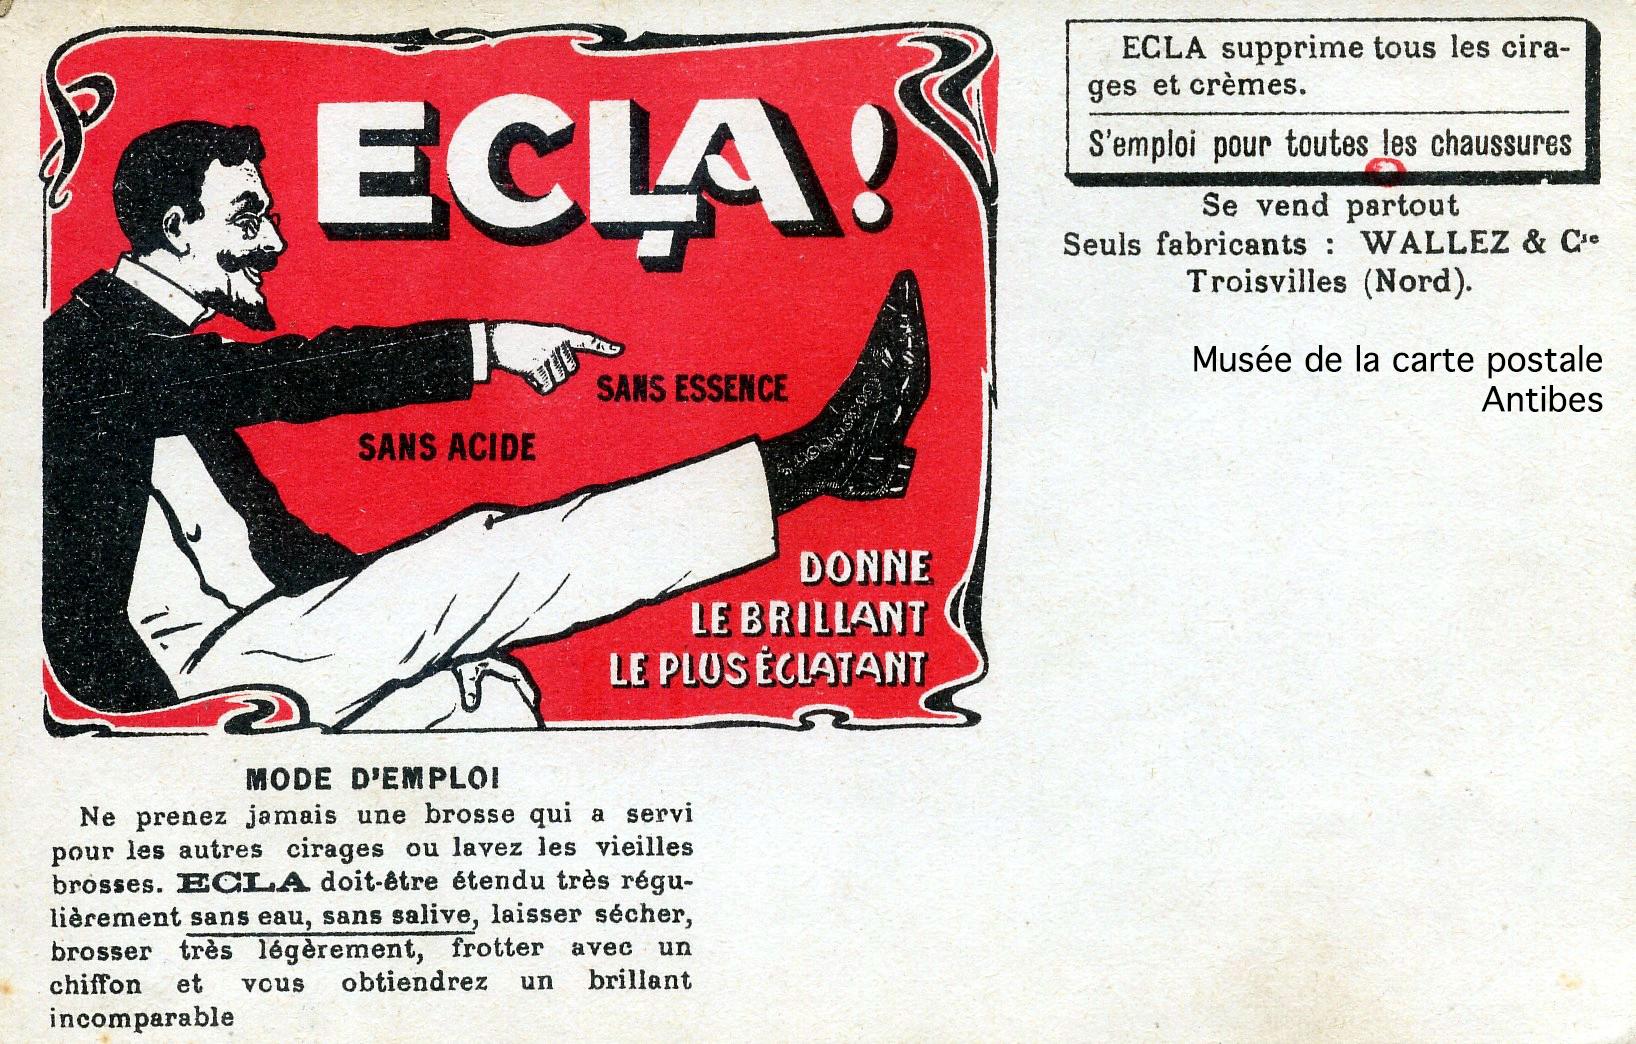 Carte postale ancienne, publicité cirage ECLA, issue de l'exposition temporaire du musée de la carte postale sur le thème de la chaussure.